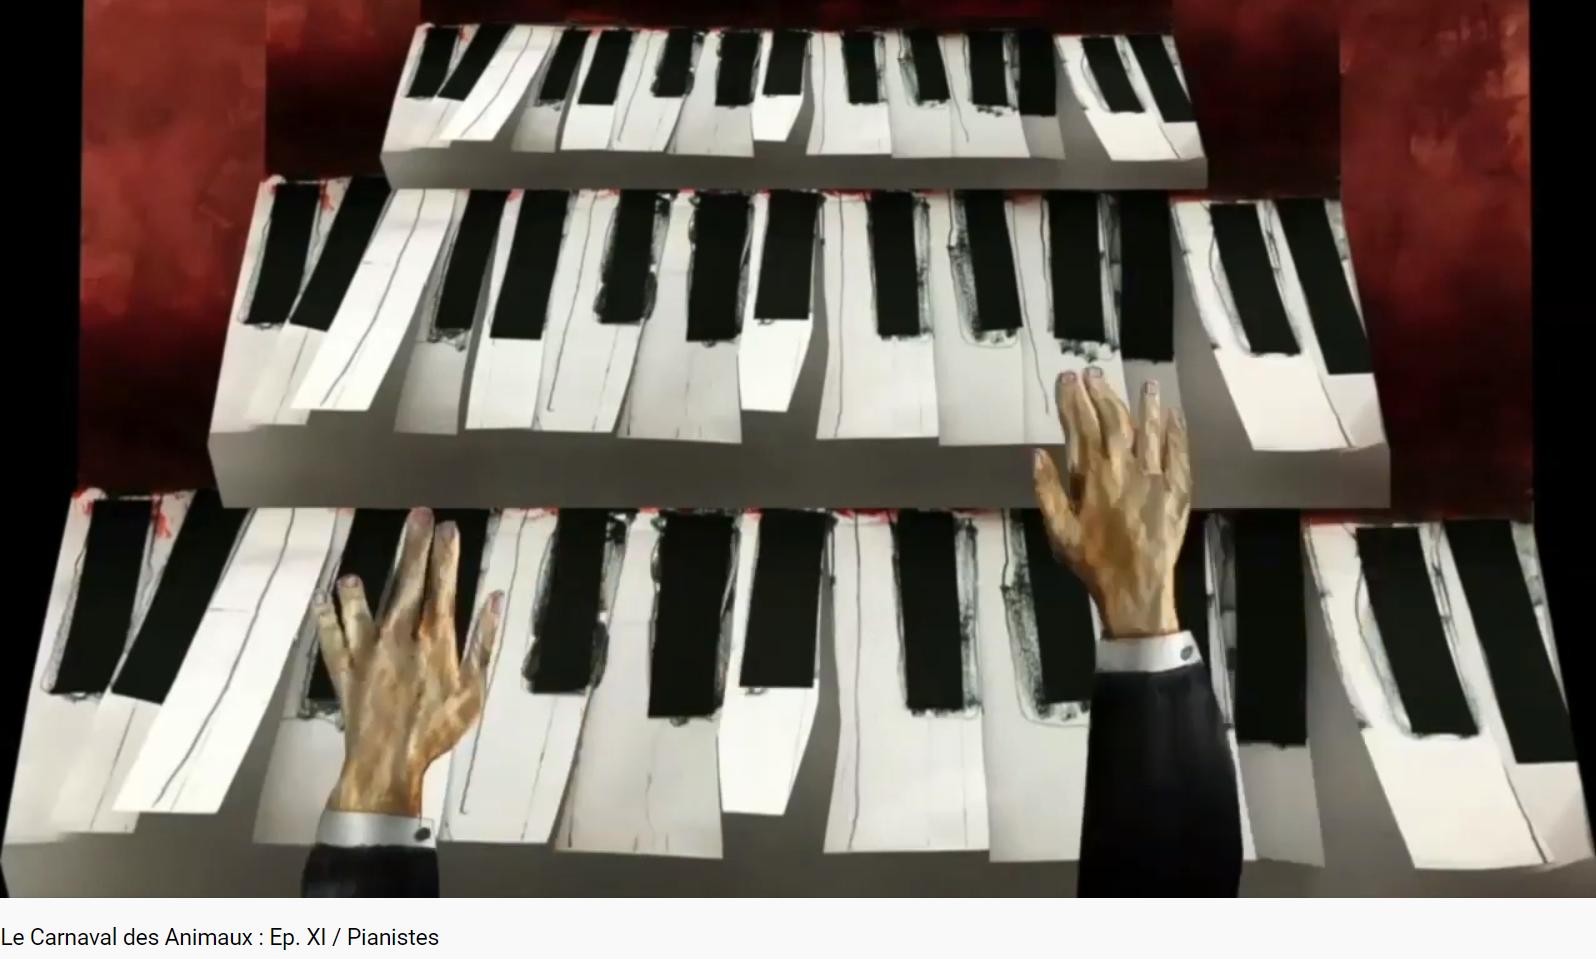 Saint-Saëns Carnaval des animaux pianistes